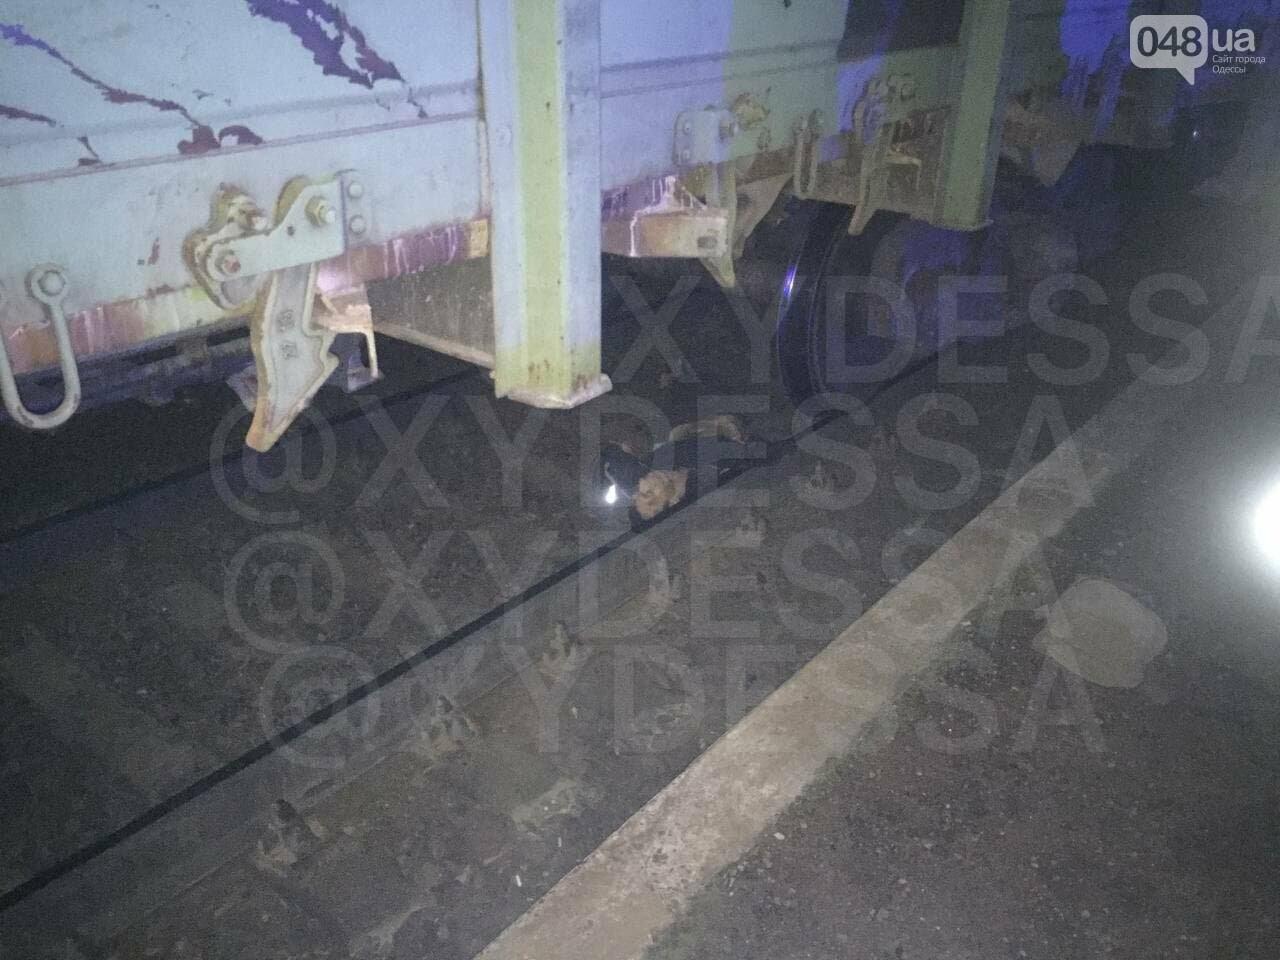 В Одессе мужчина бросился под поезд, фото-1